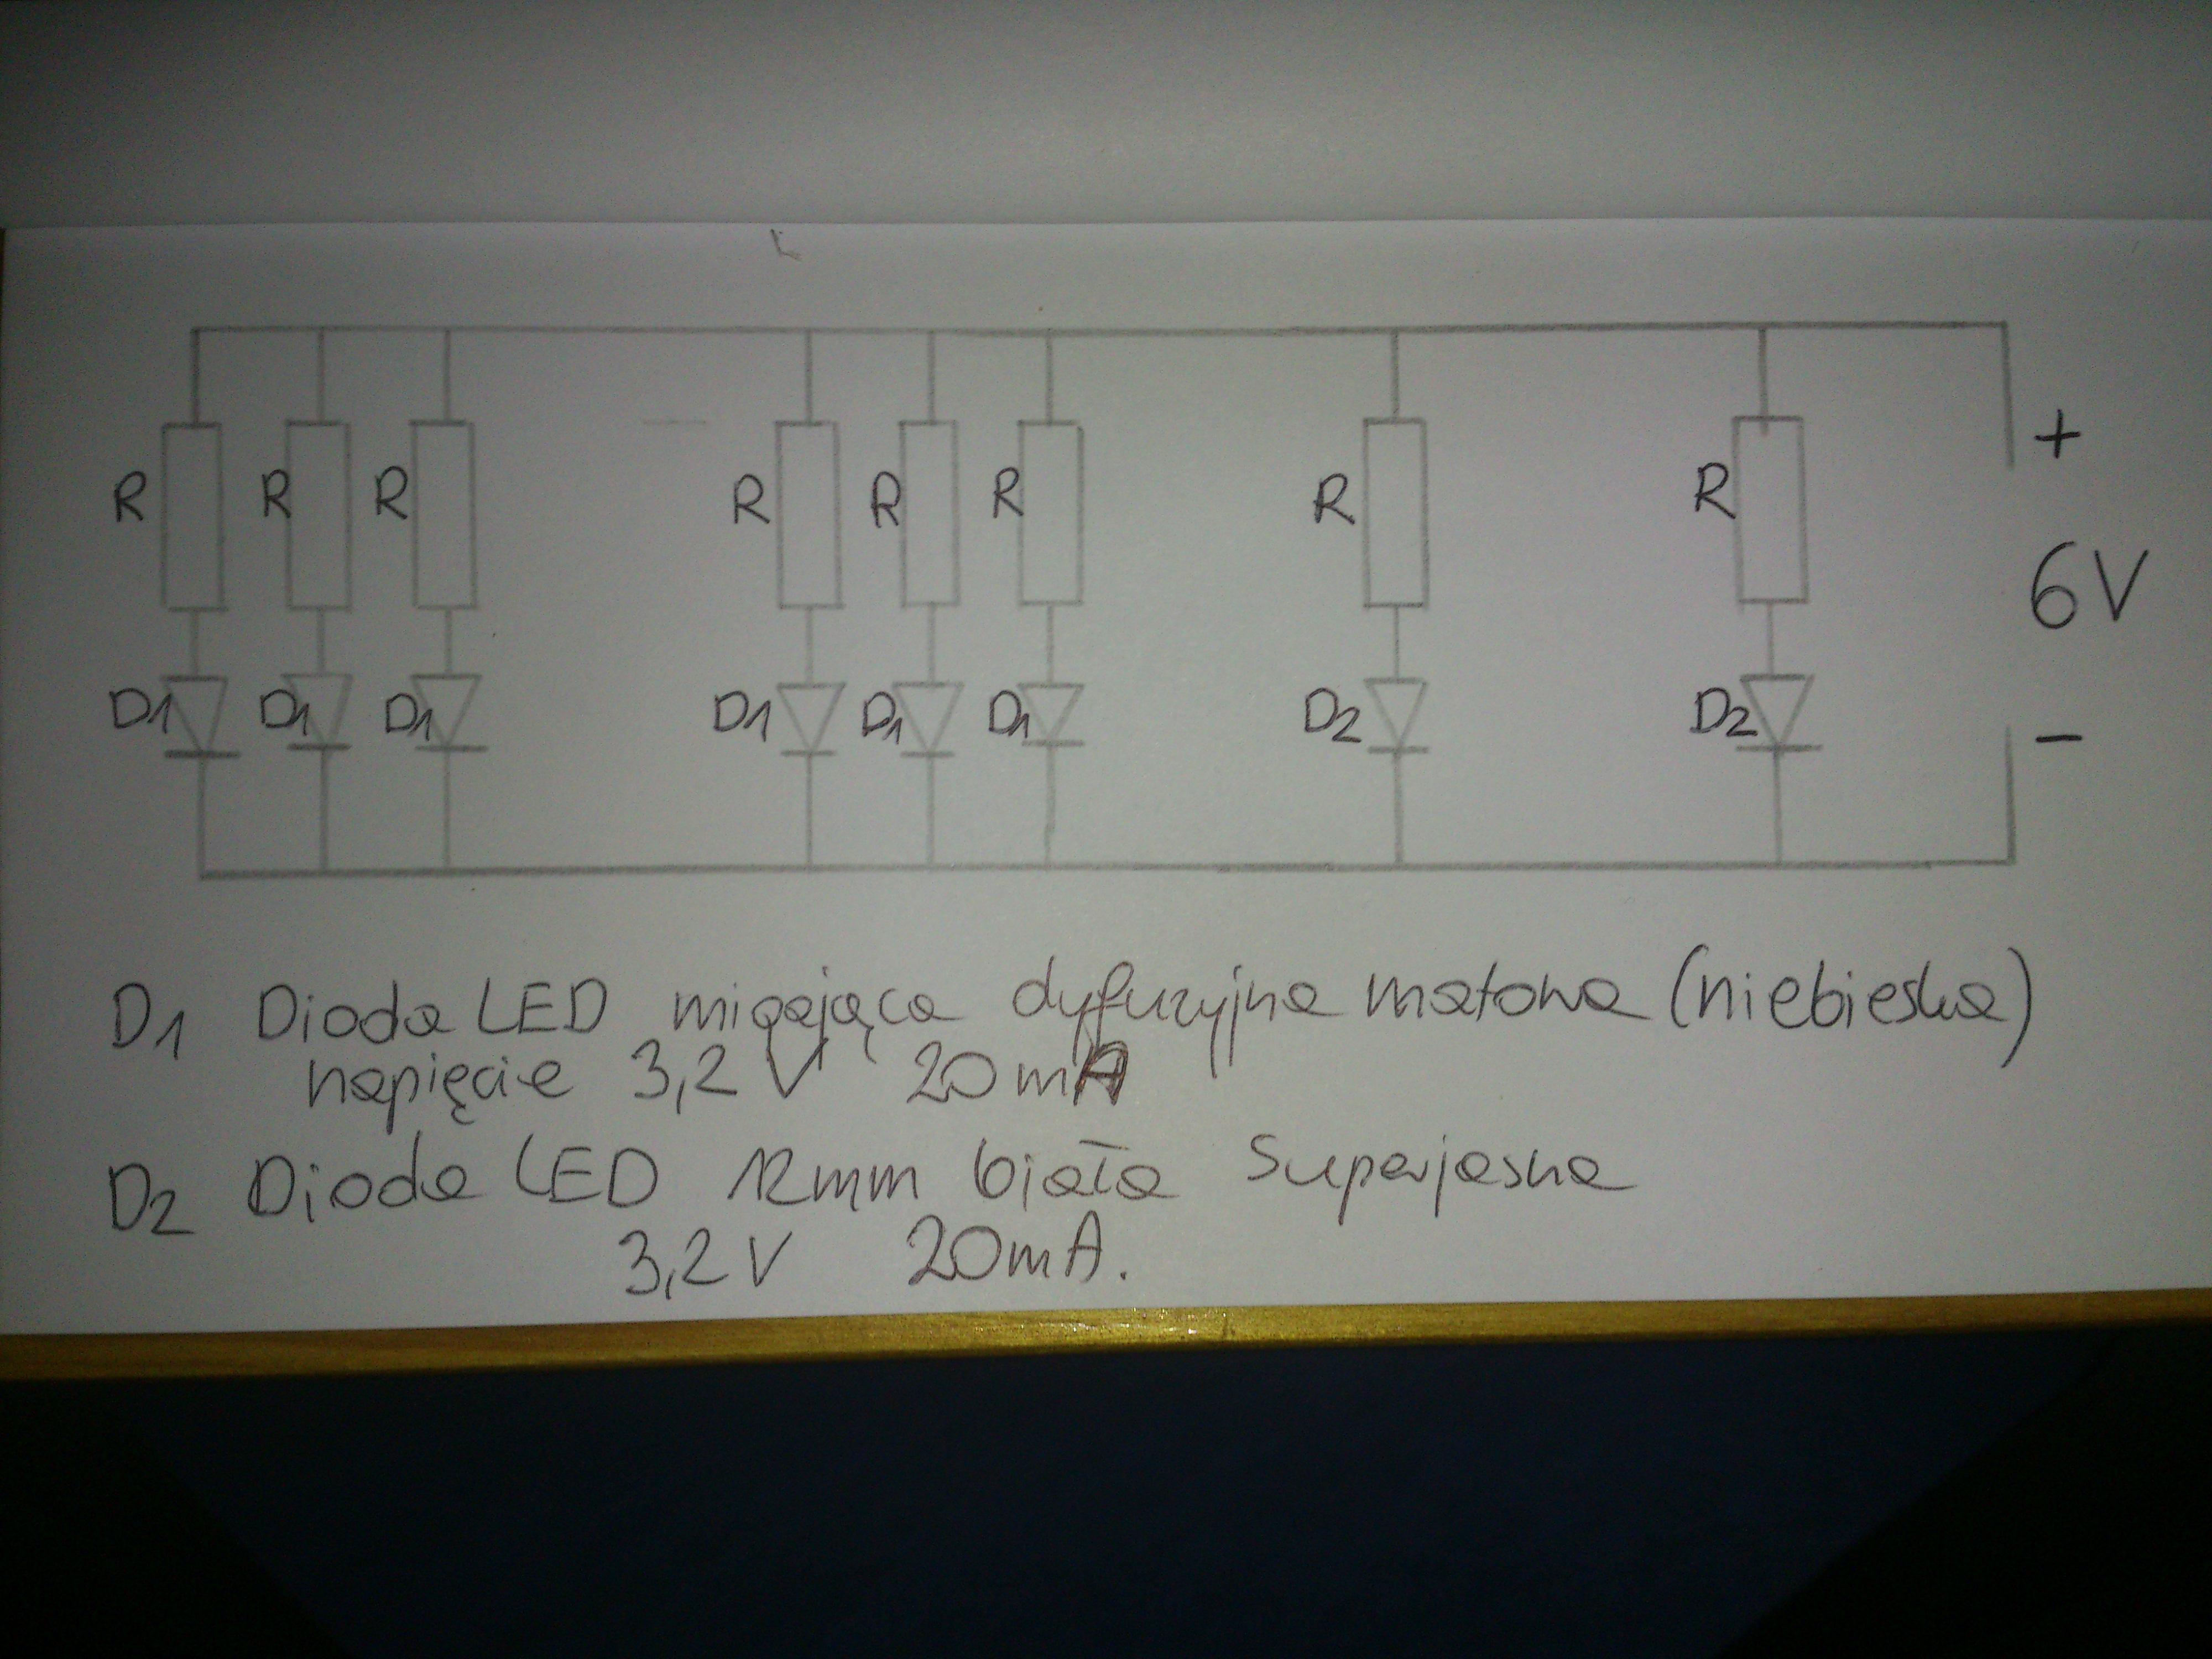 schemat po��czenia dw�ch rodzaj�w diod